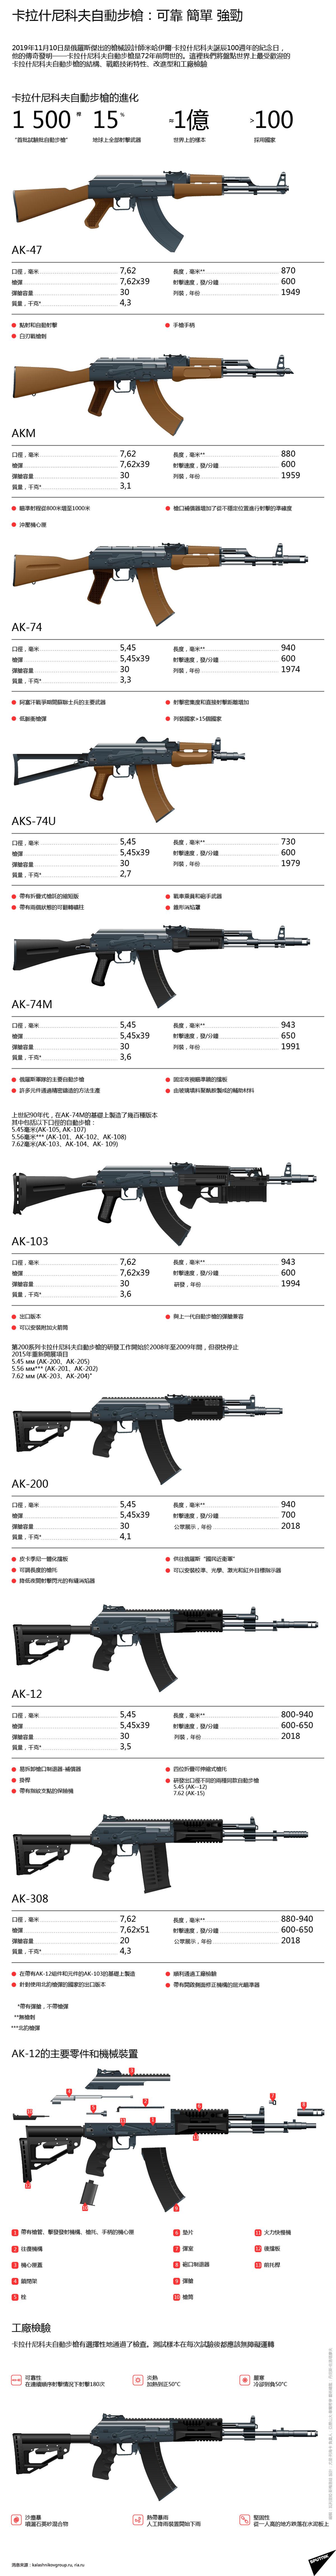 卡拉什尼科夫自動步槍:可靠 簡單 強勁